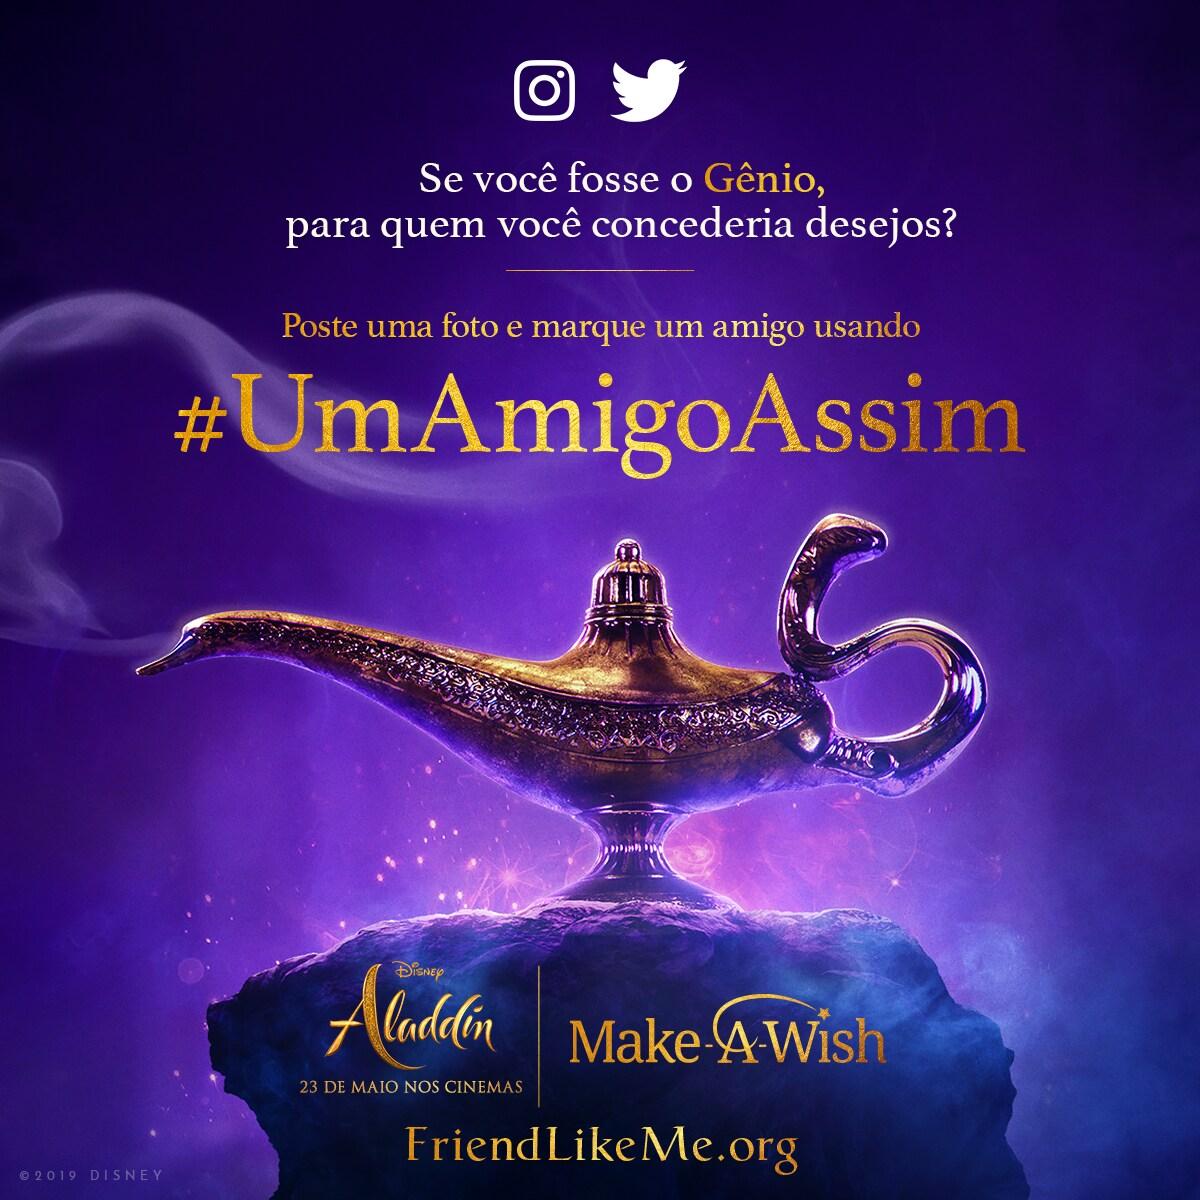 #UnAmigoAssim